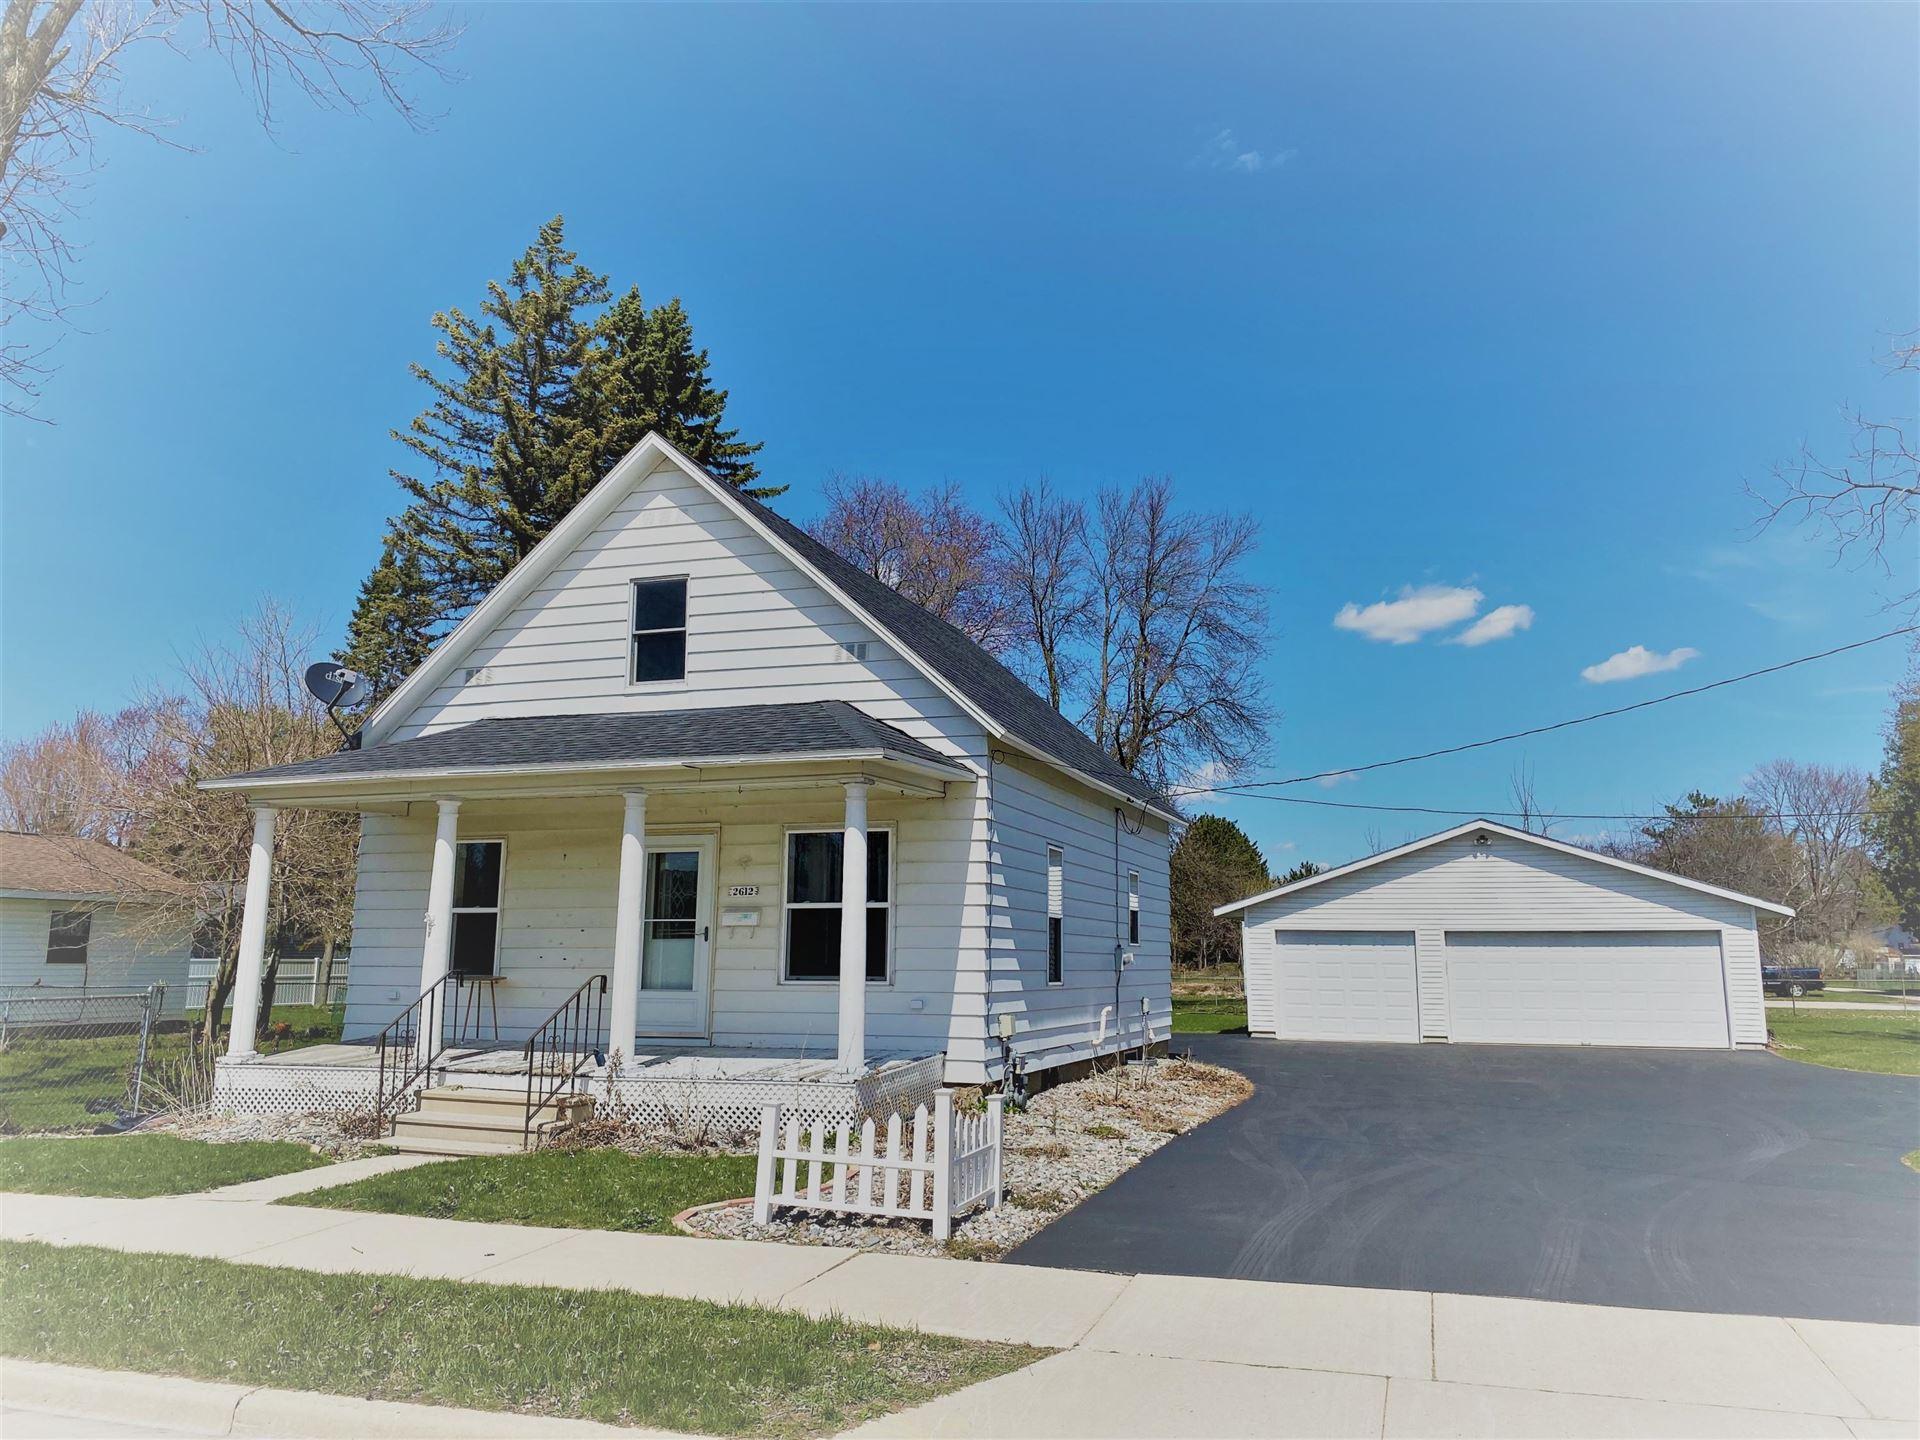 2612 Minnesota St, Marinette, WI 54143 - #: 1687357